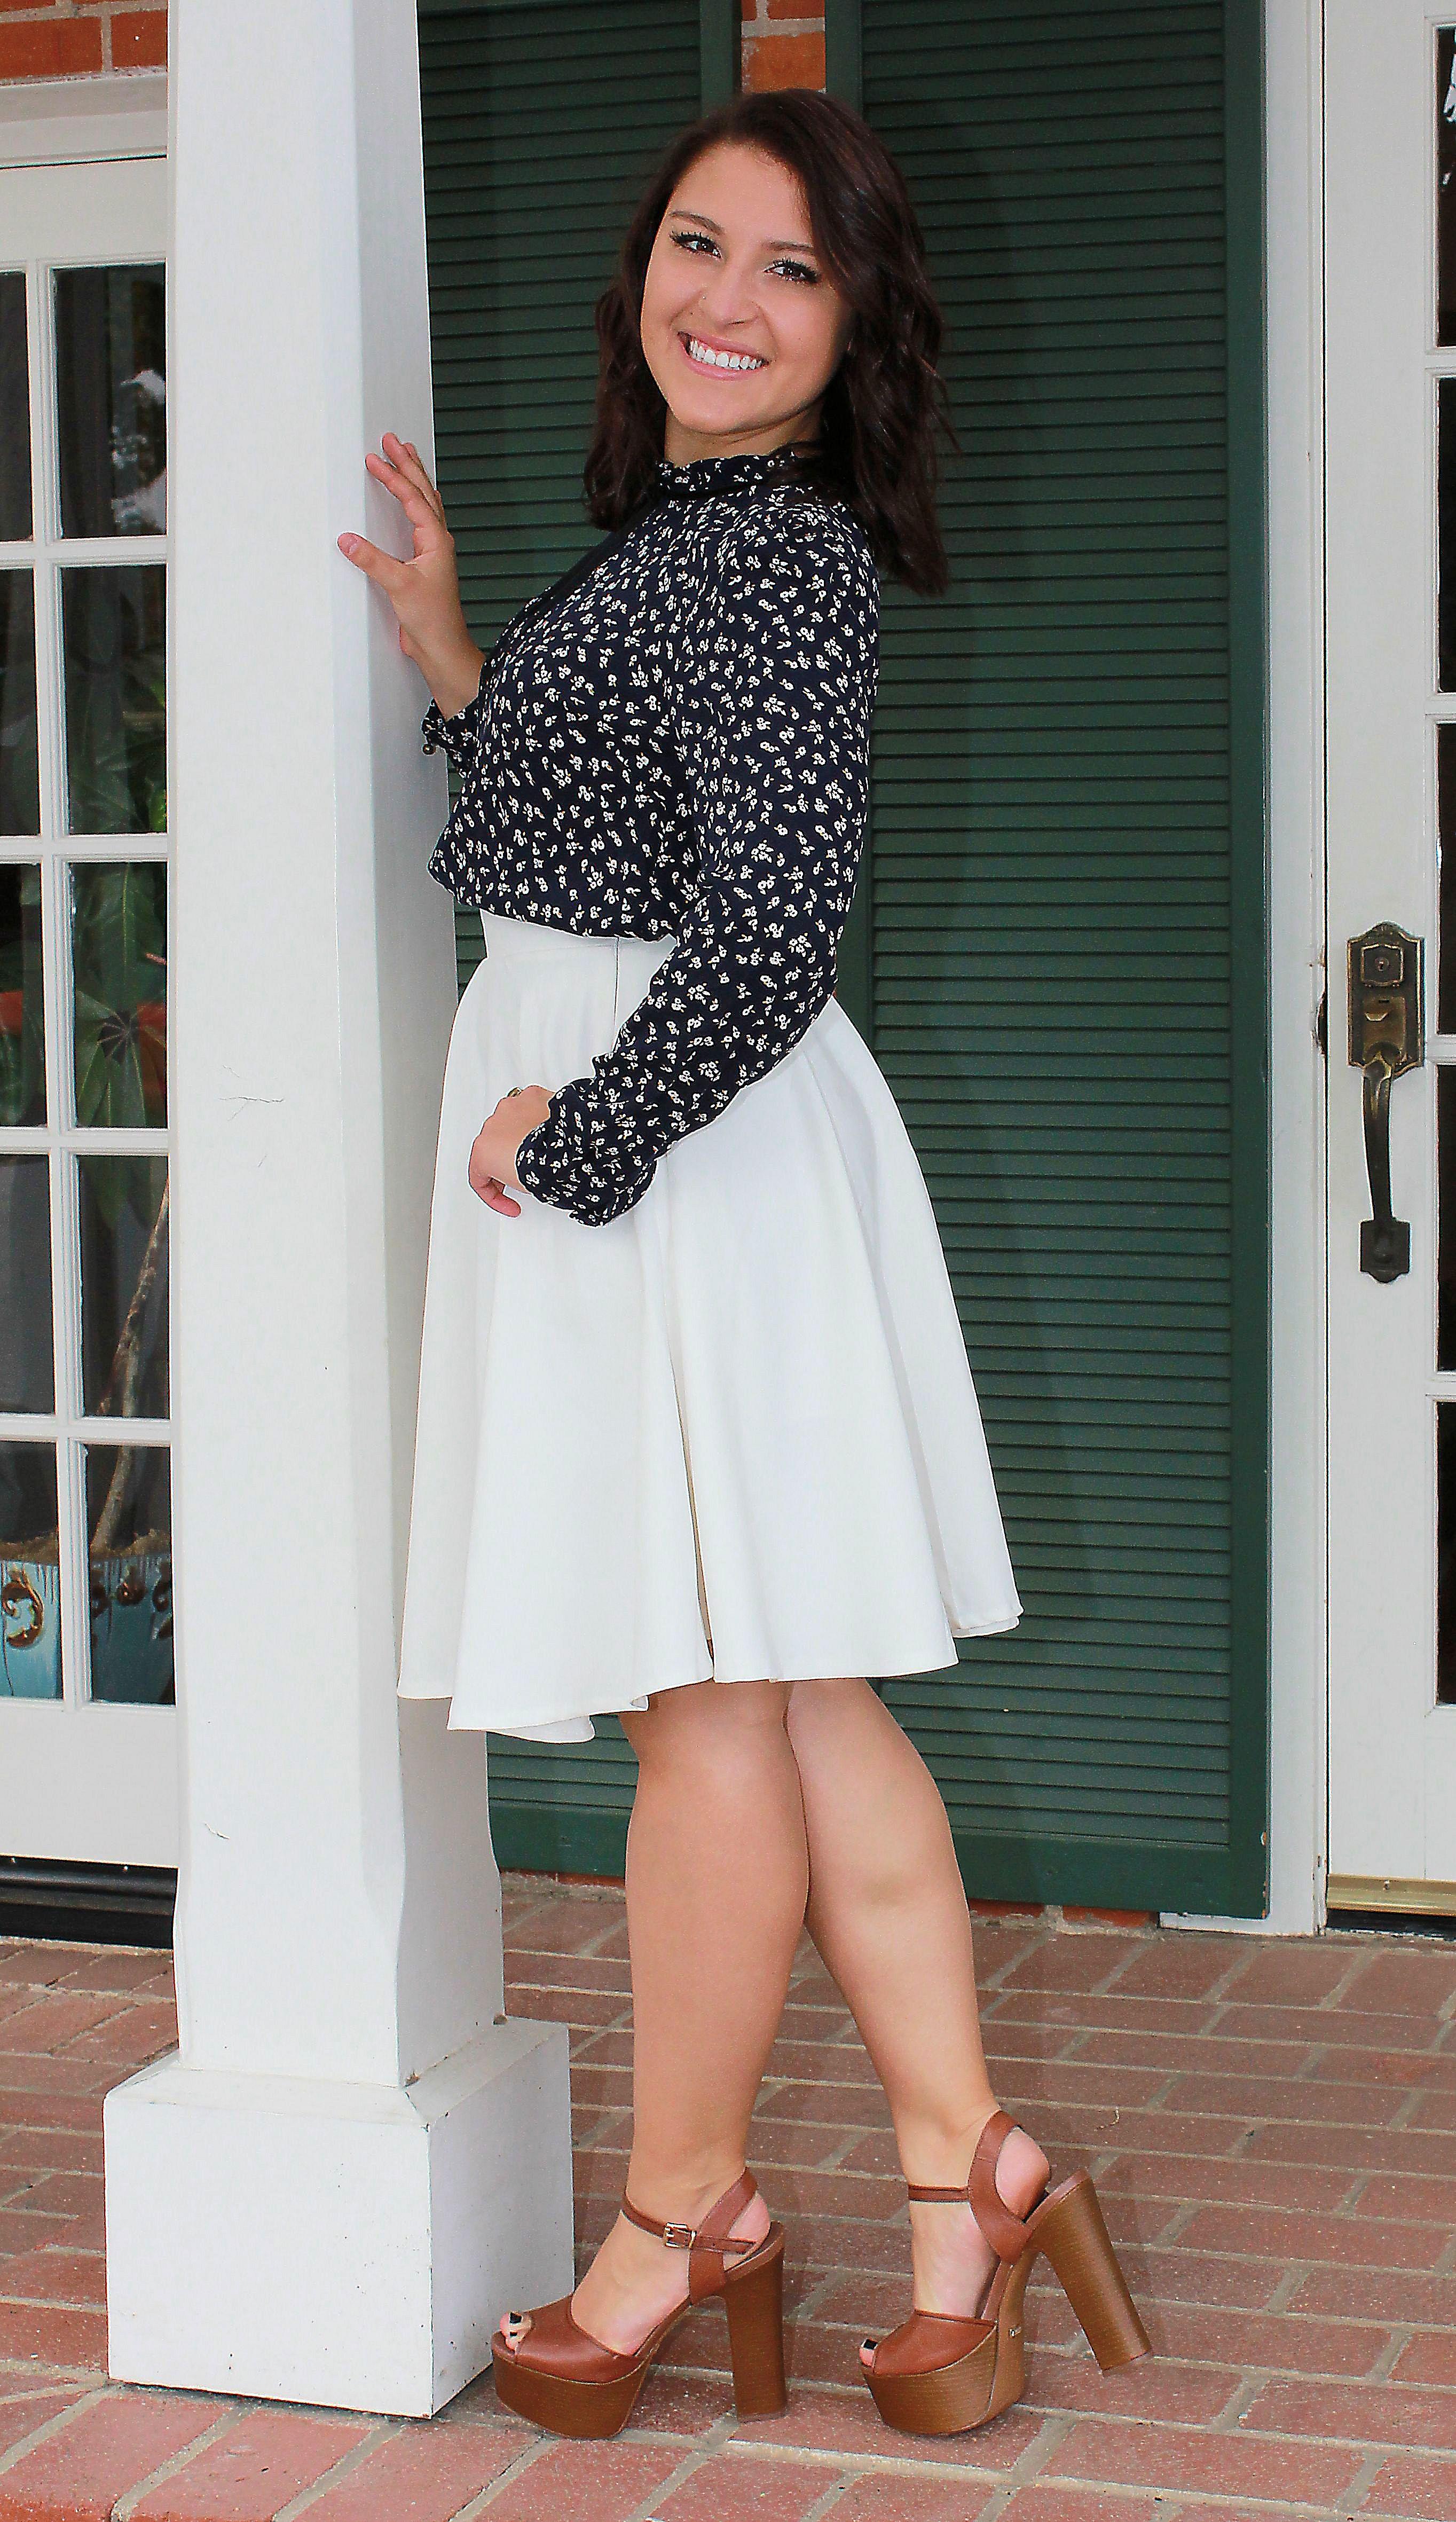 sassy senior photo